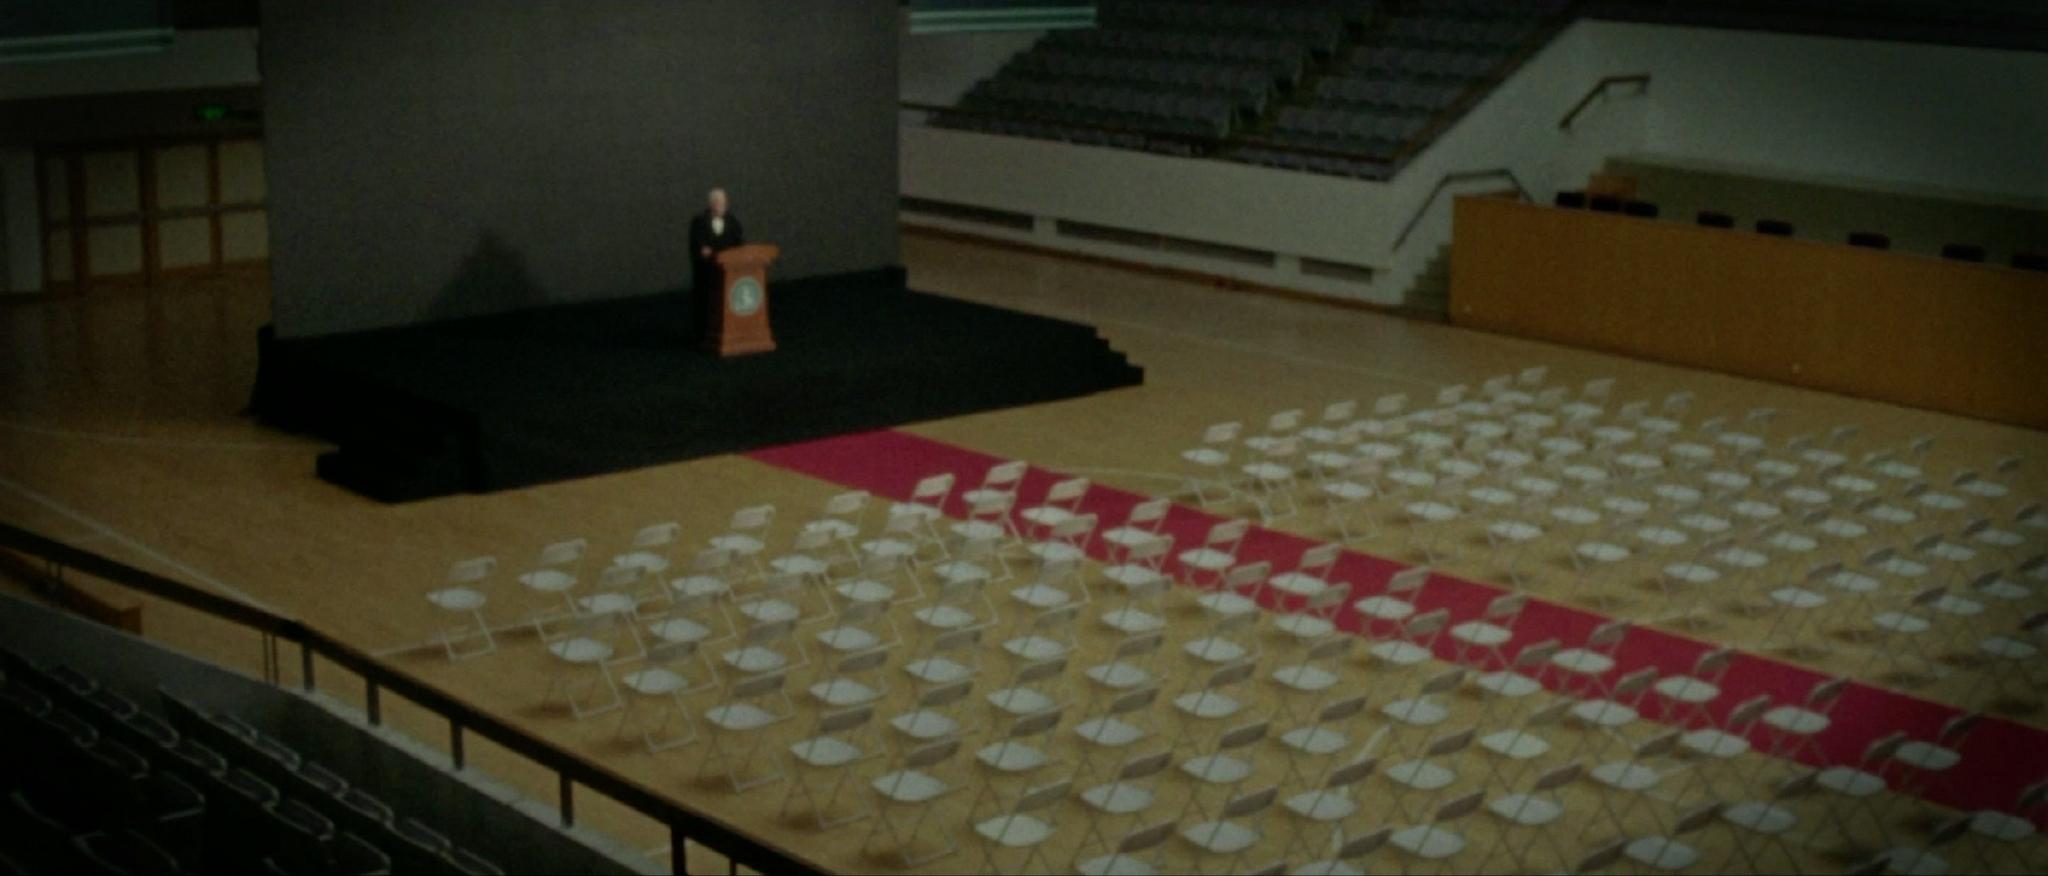 看到视频中国外留学生云毕业的场景泪目了……